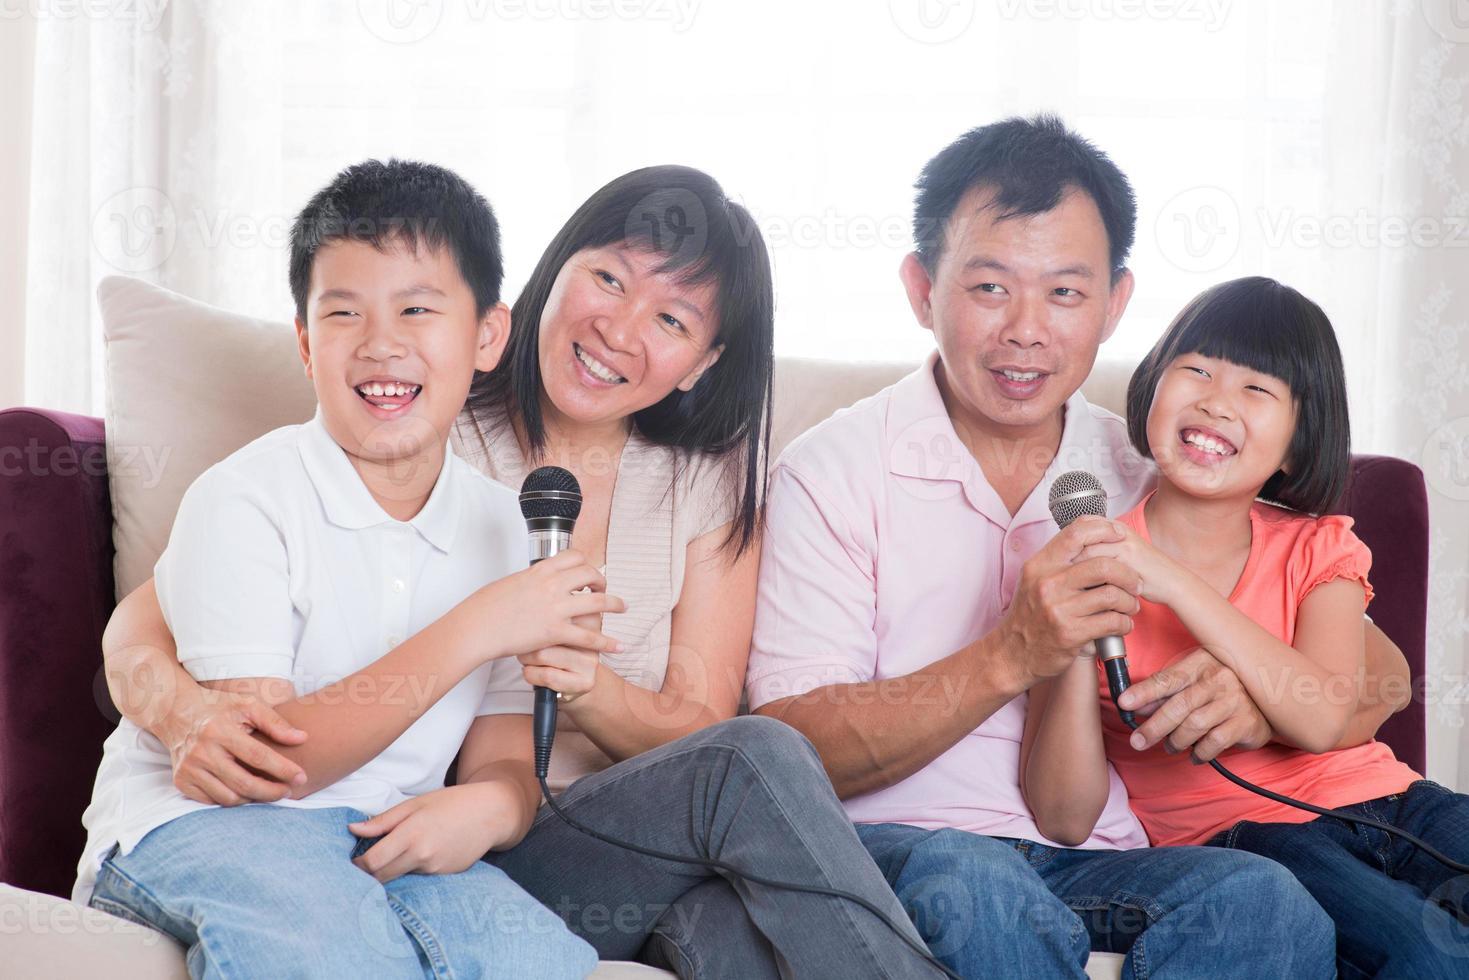 famiglia asiatica di quattro cantando al karaoke foto